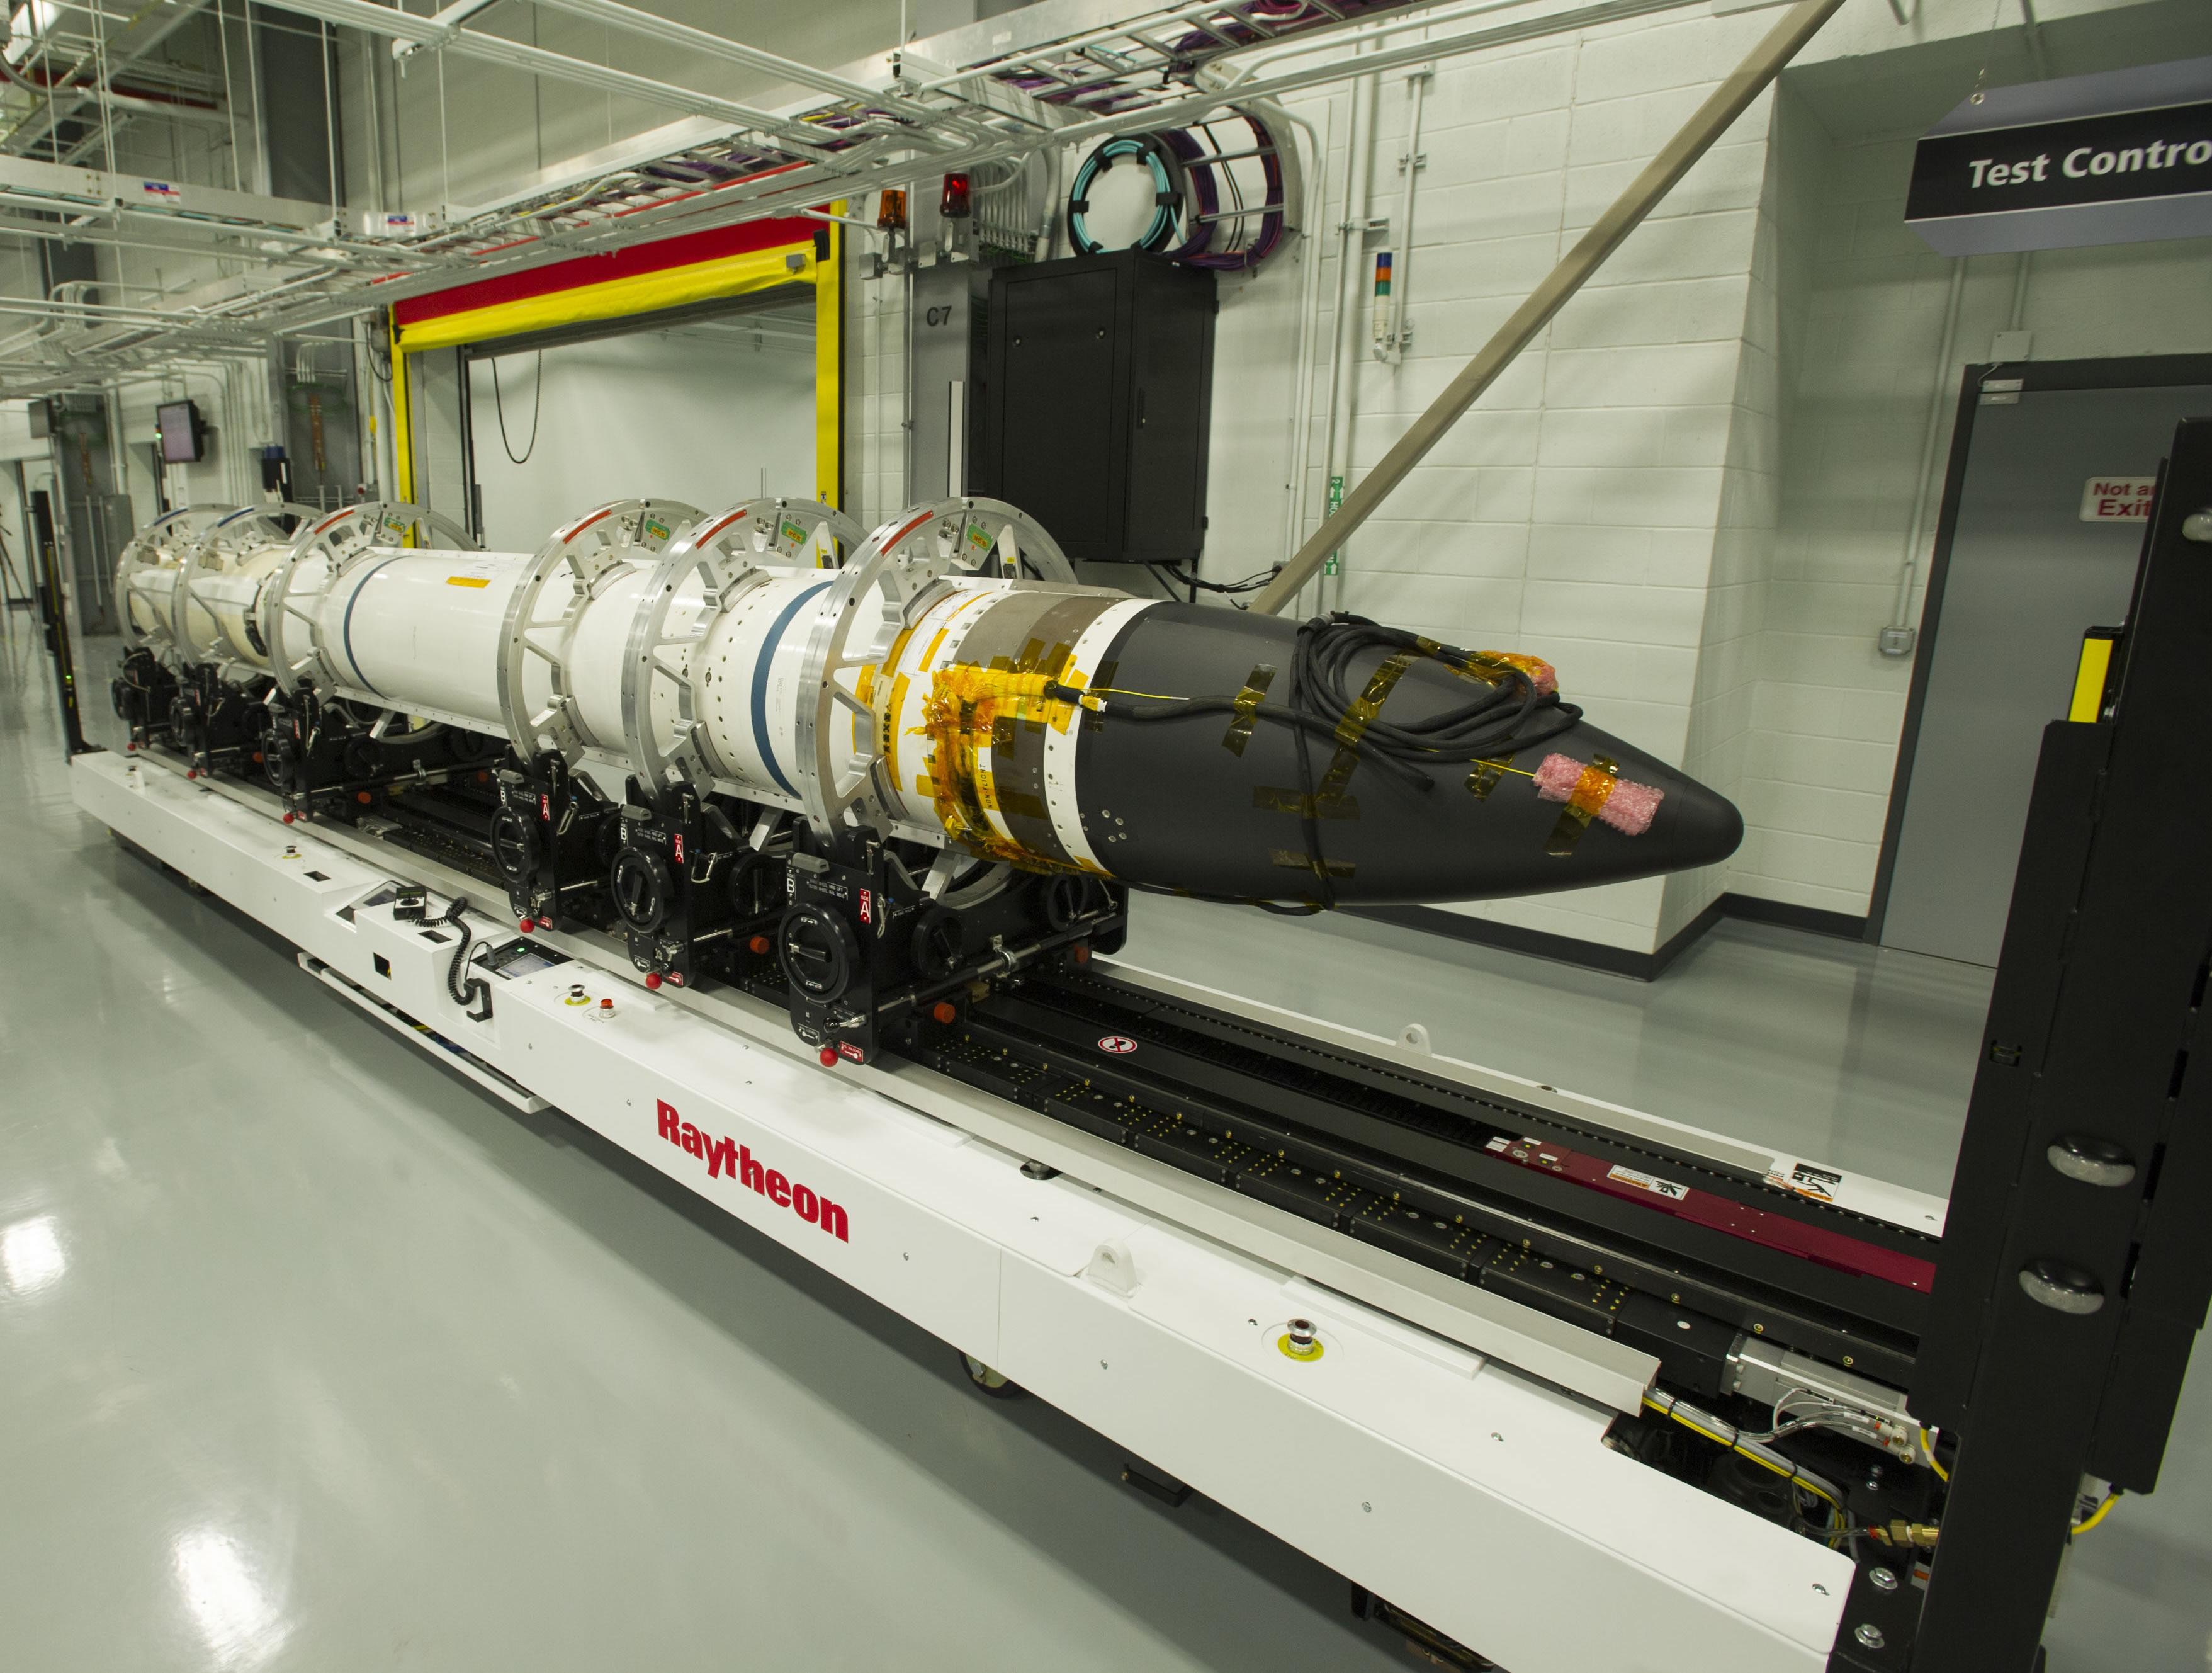 A Raytheon SM-3® Block IIA rakétája, mely az európai védelmi rendszerek egyik központi eleme lesz 2018-tól. Kép forrása: Raytheon